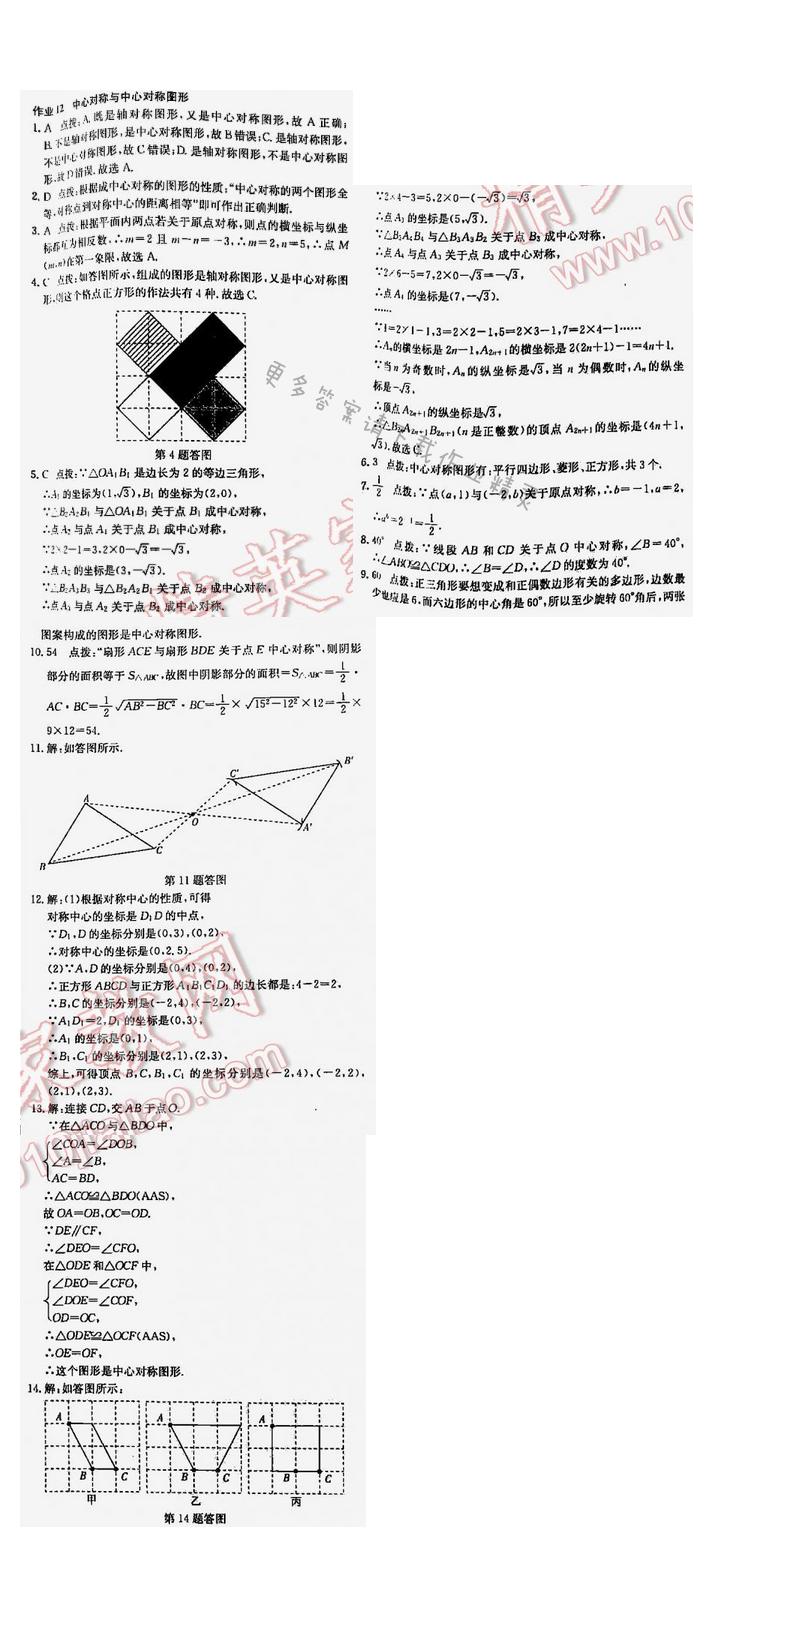 2016年启东中学作业本八年级数学下册江苏版 第九章 作业12